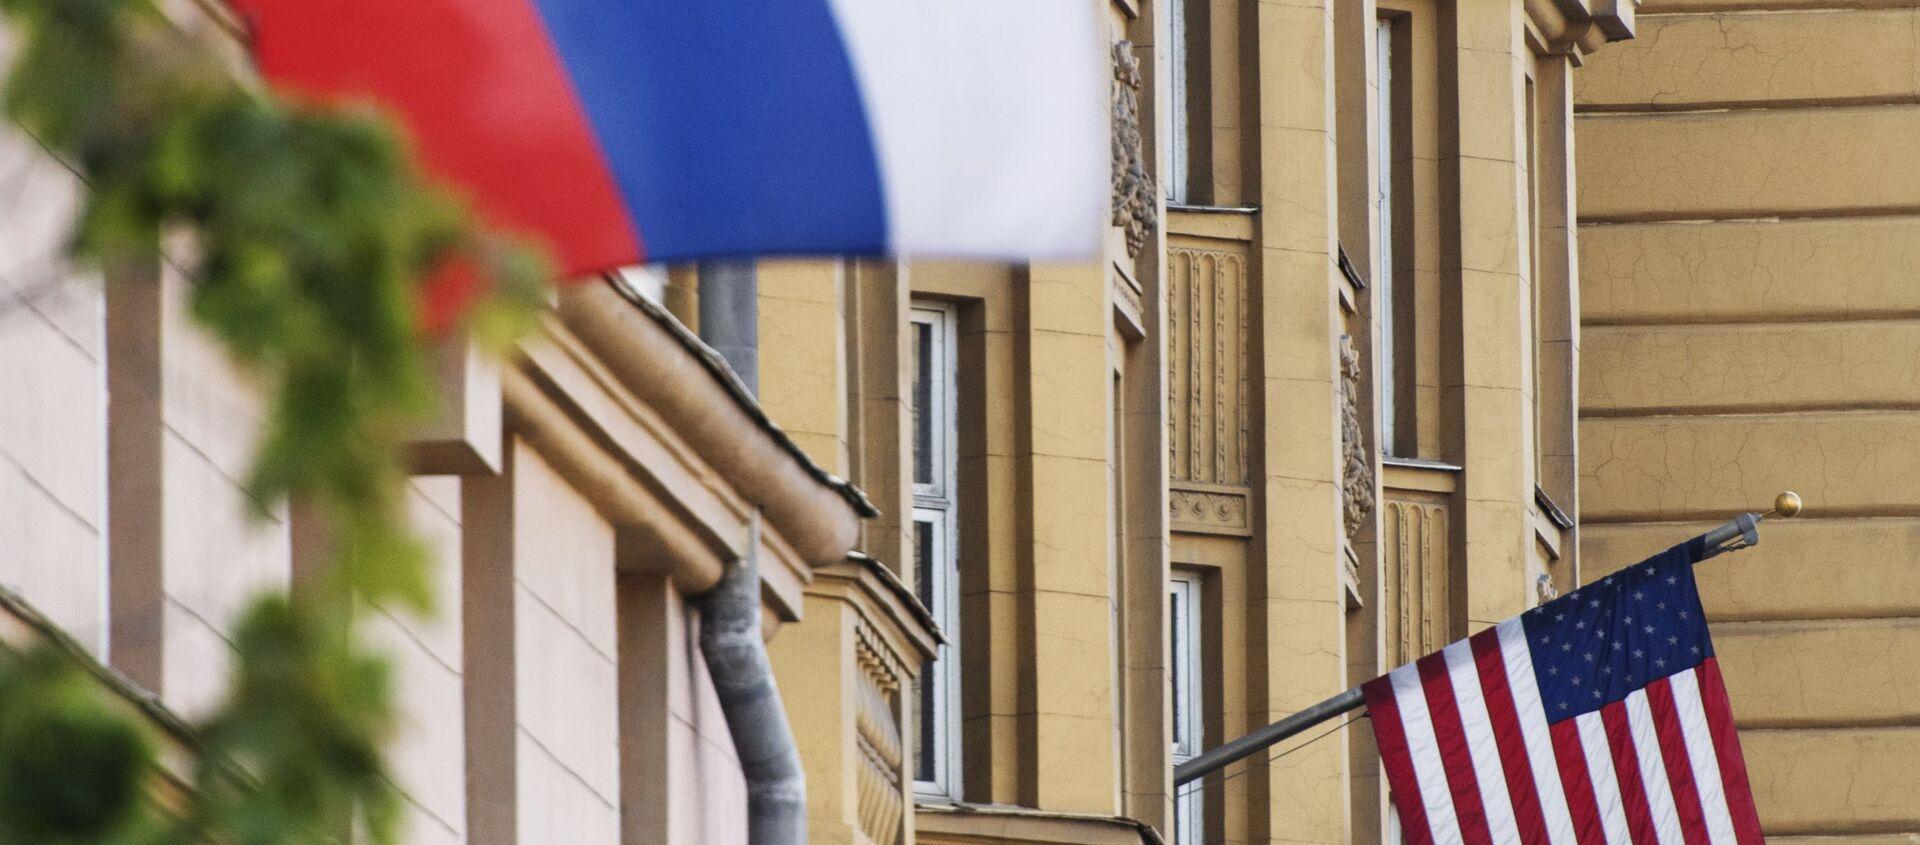 США приостанавливают выдачу неиммиграционных виз в России - Sputnik Latvija, 1920, 10.04.2021